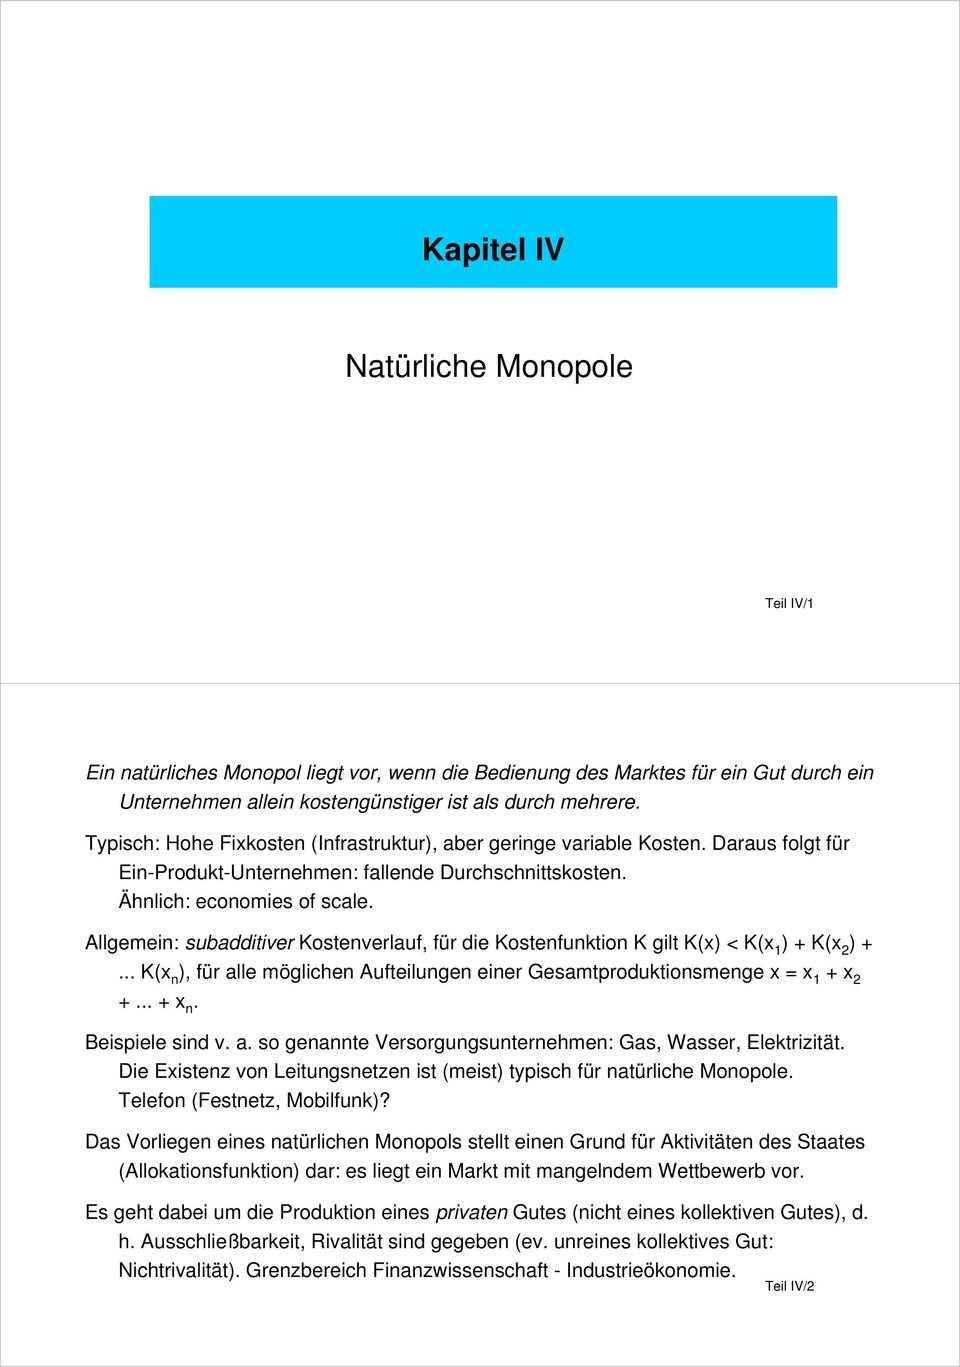 Kapitel Iv Naturliche Monopole Pdf Free Download